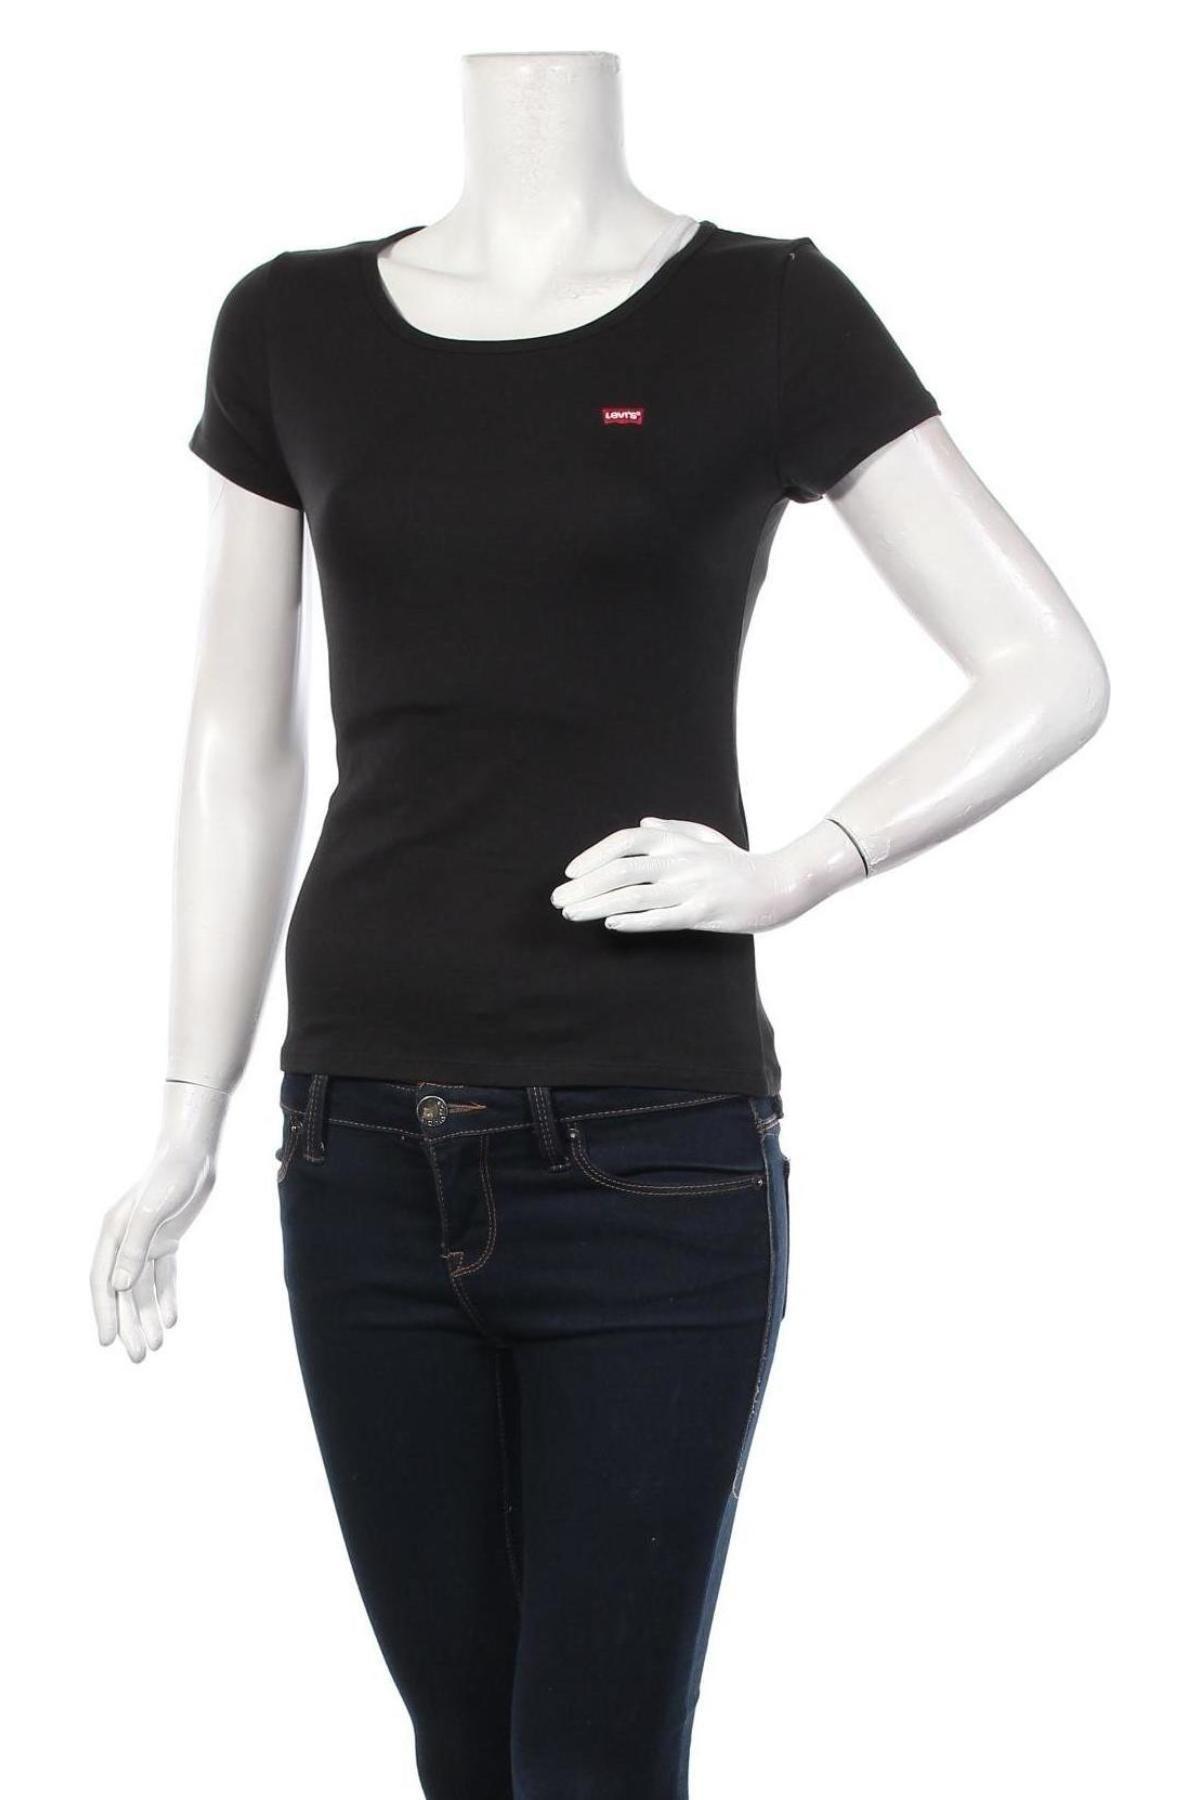 Дамска тениска Levi's, Размер XS, Цвят Черен, 96% памук, 4% еластан, Цена 44,25лв.